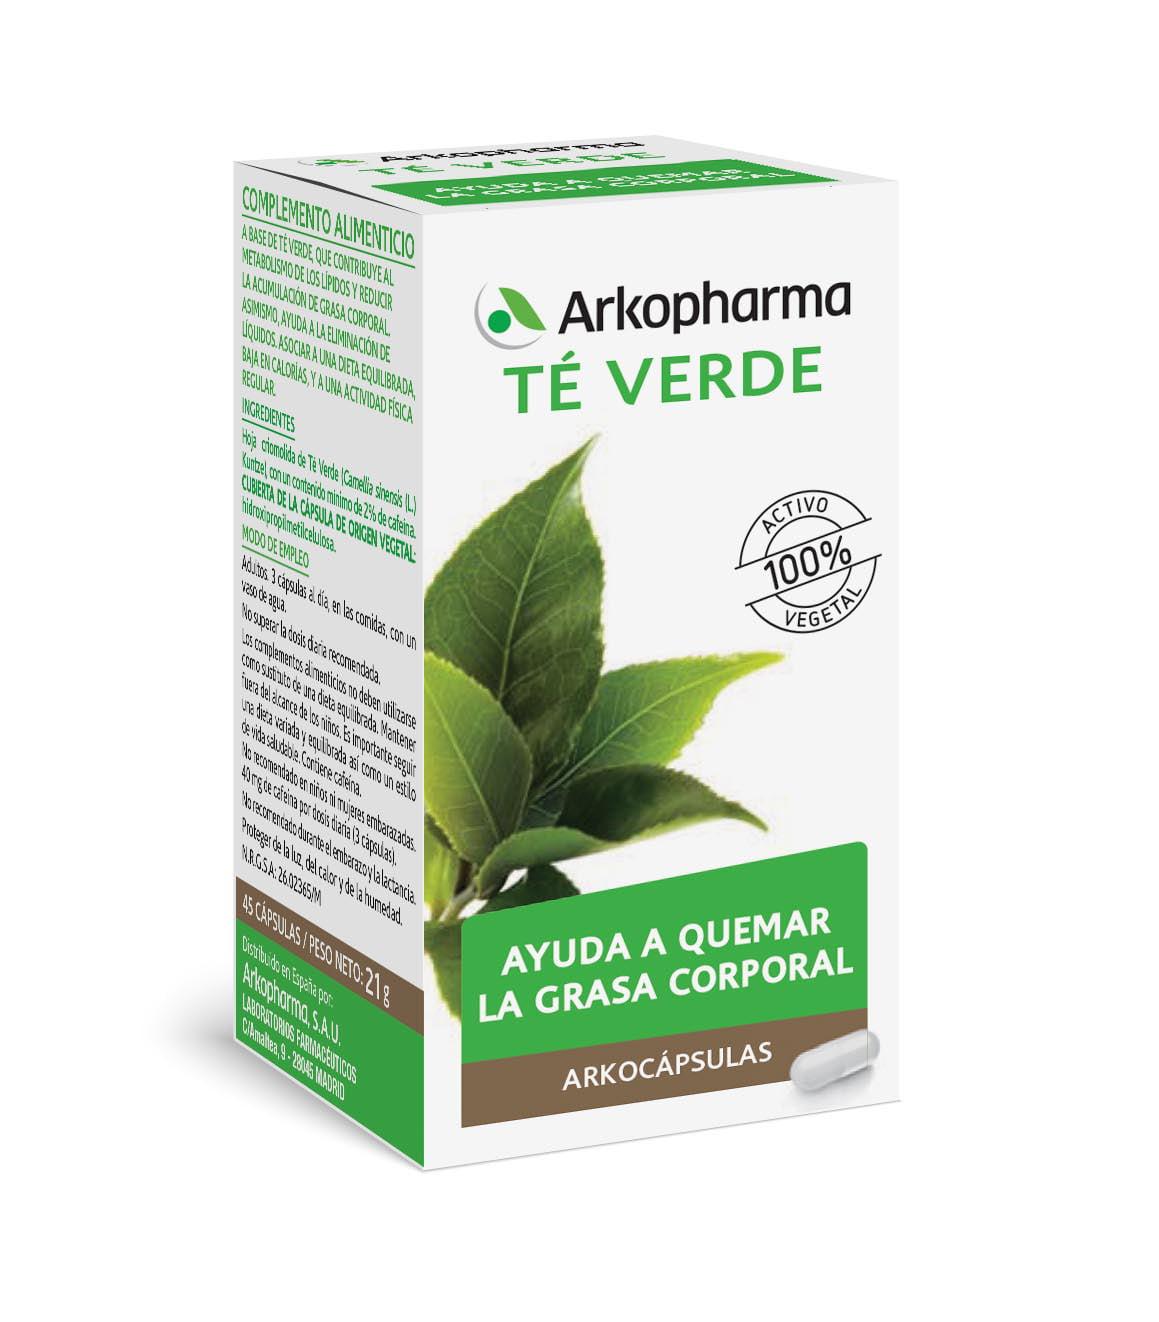 Arkocápsulas de té verde, ayudan a quemar la grasa corporal